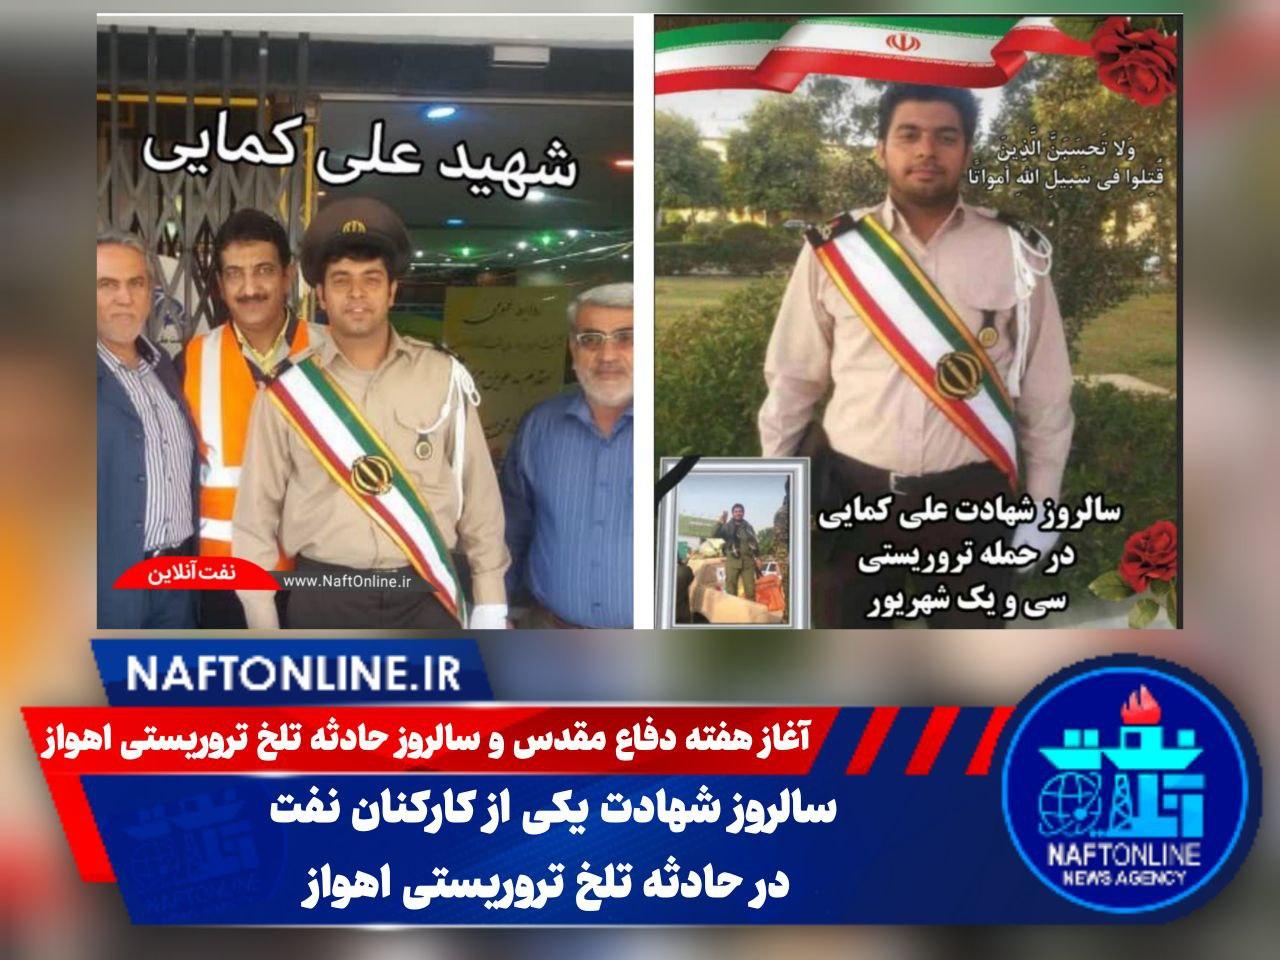 شهید علی کمایی | وزارت نفت | نفت آنلاین